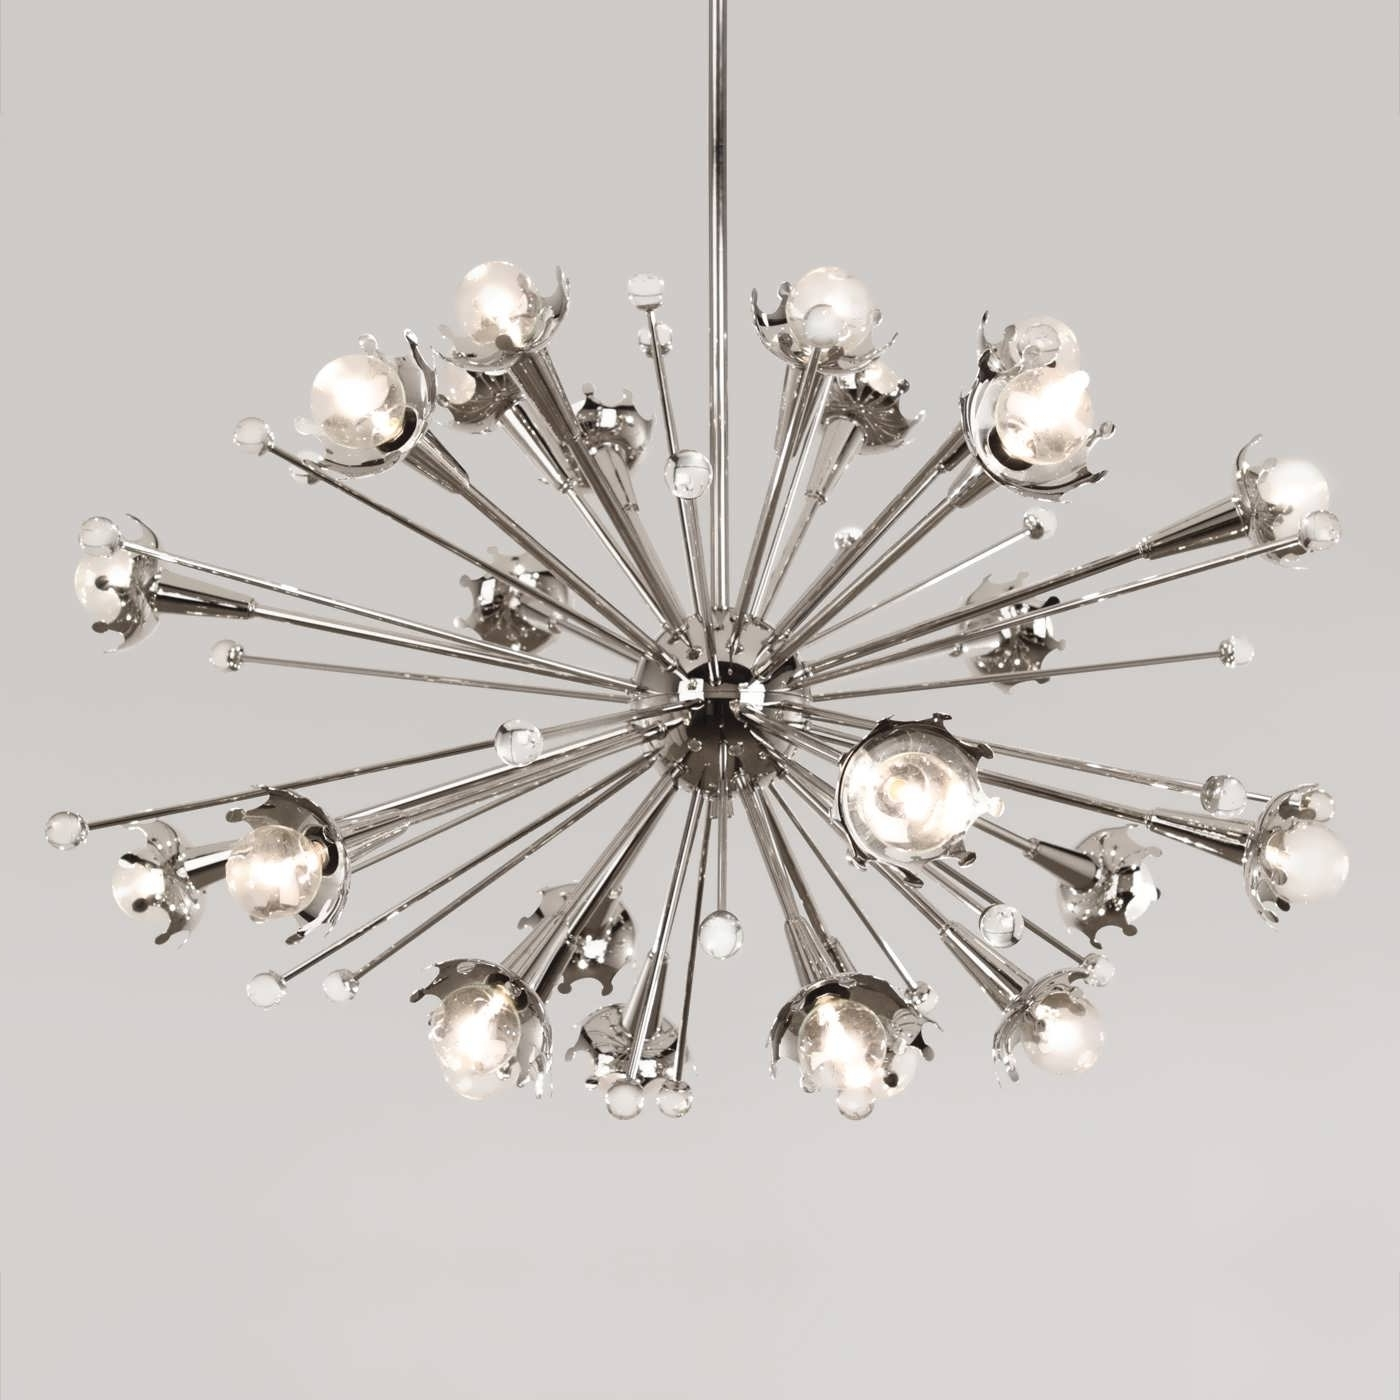 Atom Chandeliers Regarding Popular Chandelier : Overstock Chandeliers Chandelier Lamp Sputnik Style (View 3 of 15)